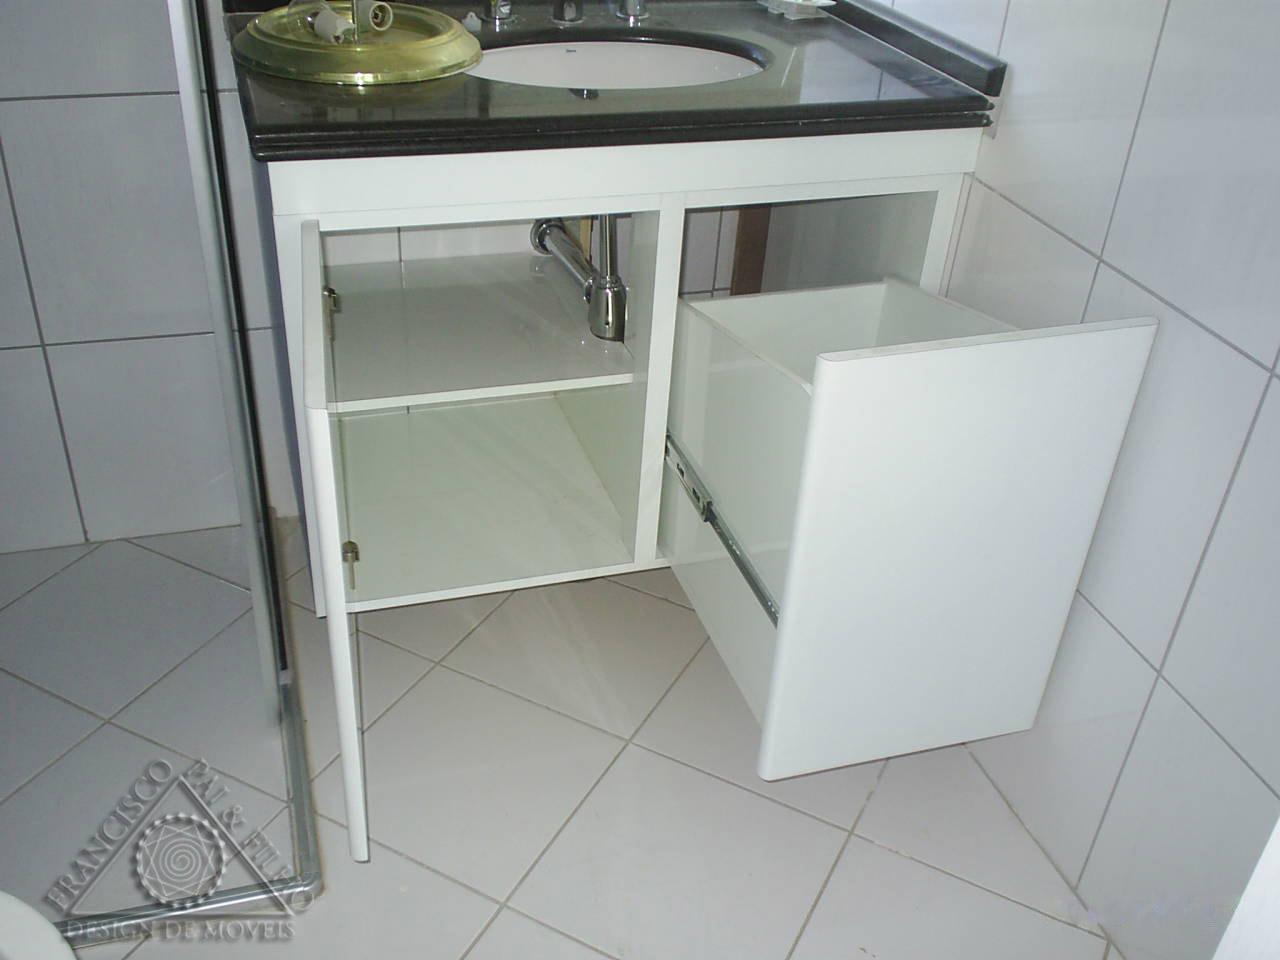 Francisco Pai & Filho Gabinete de Banheiro com Cesto de Roupa -> Armario De Banheiro Planejado Com Cesto De Roupa